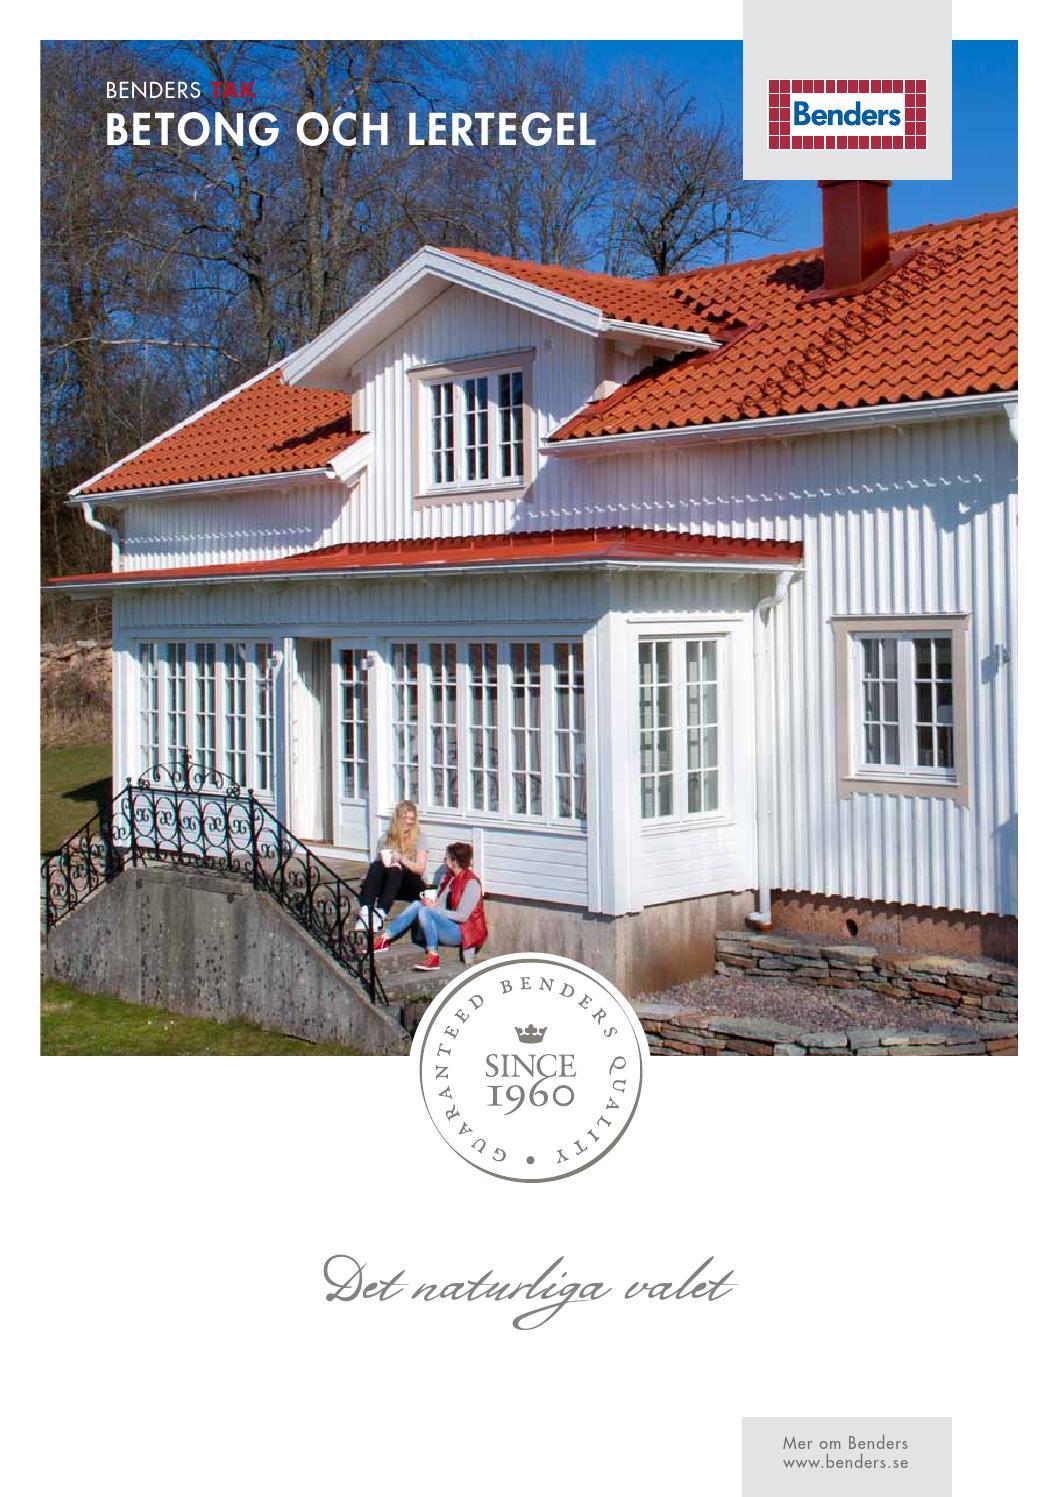 Inredning takpannor benders : Huvudbroschyr Tak 2014 by Benders Sverige AB - issuu